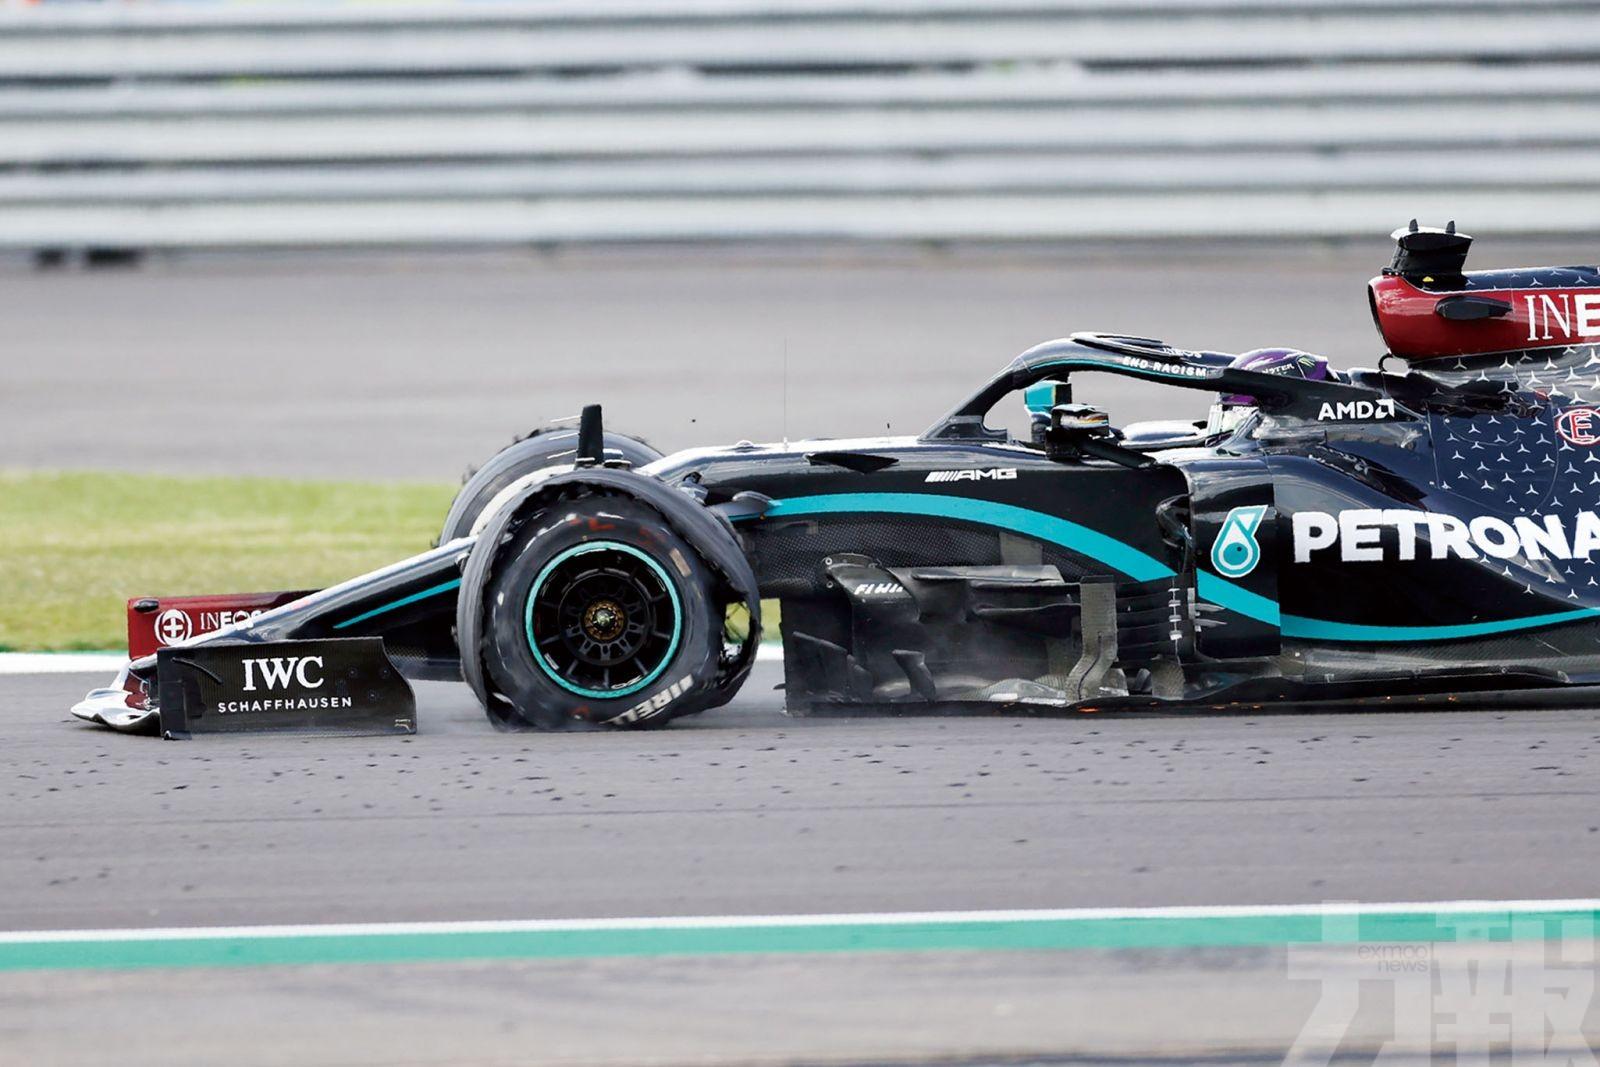 咸美頓最後半圈爆胎一額汗贏F1英國站